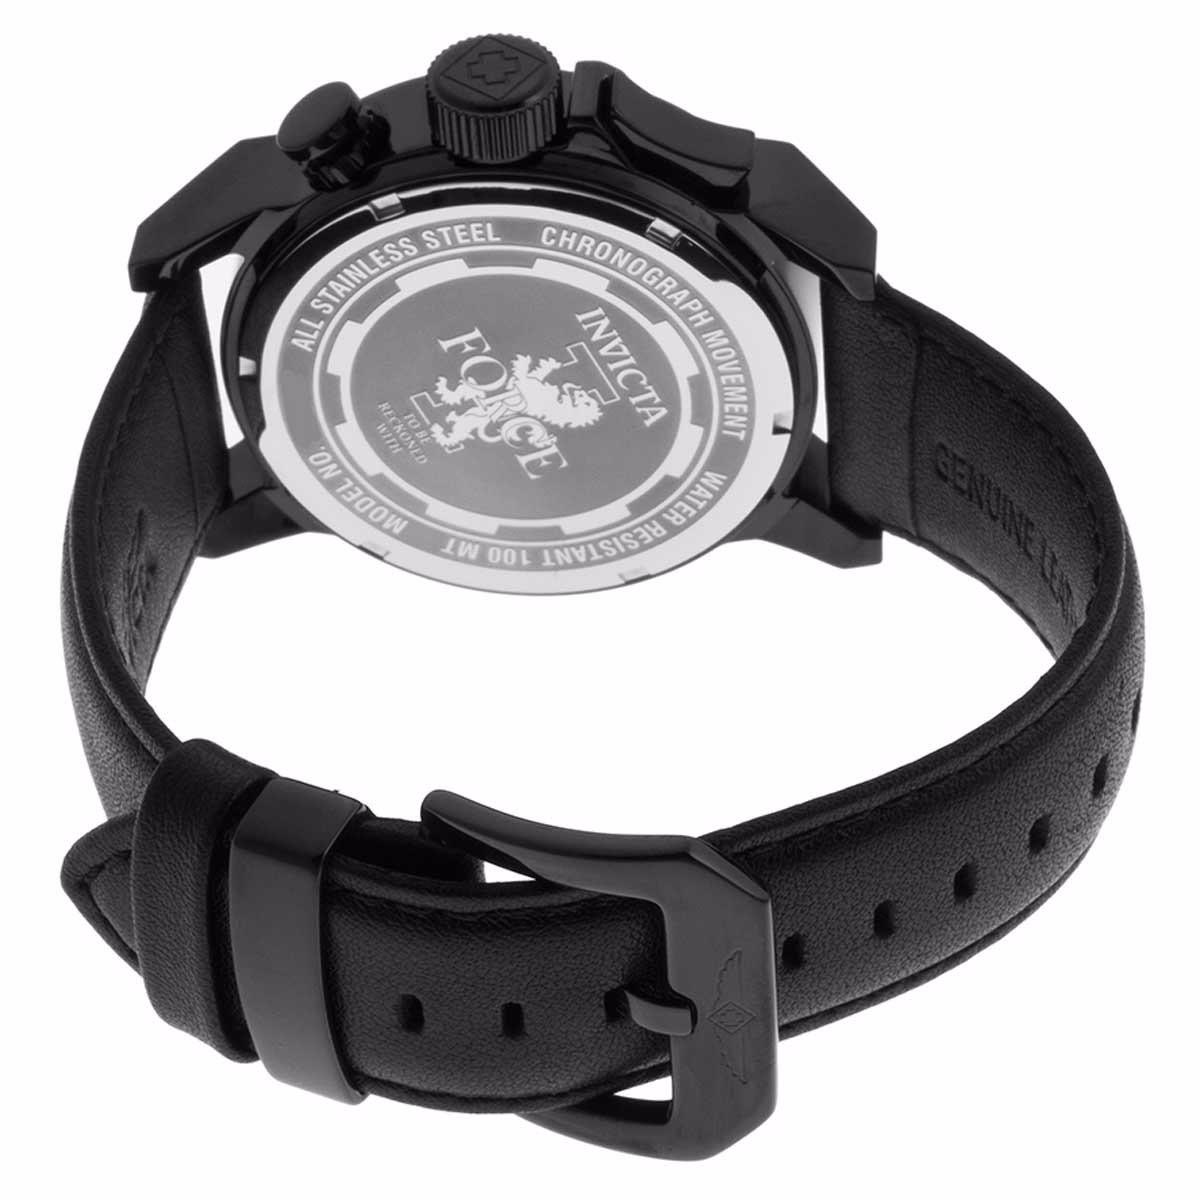 8ef971013ee relogio invicta i-force pulseira couro fundo preto 20542. Carregando zoom.